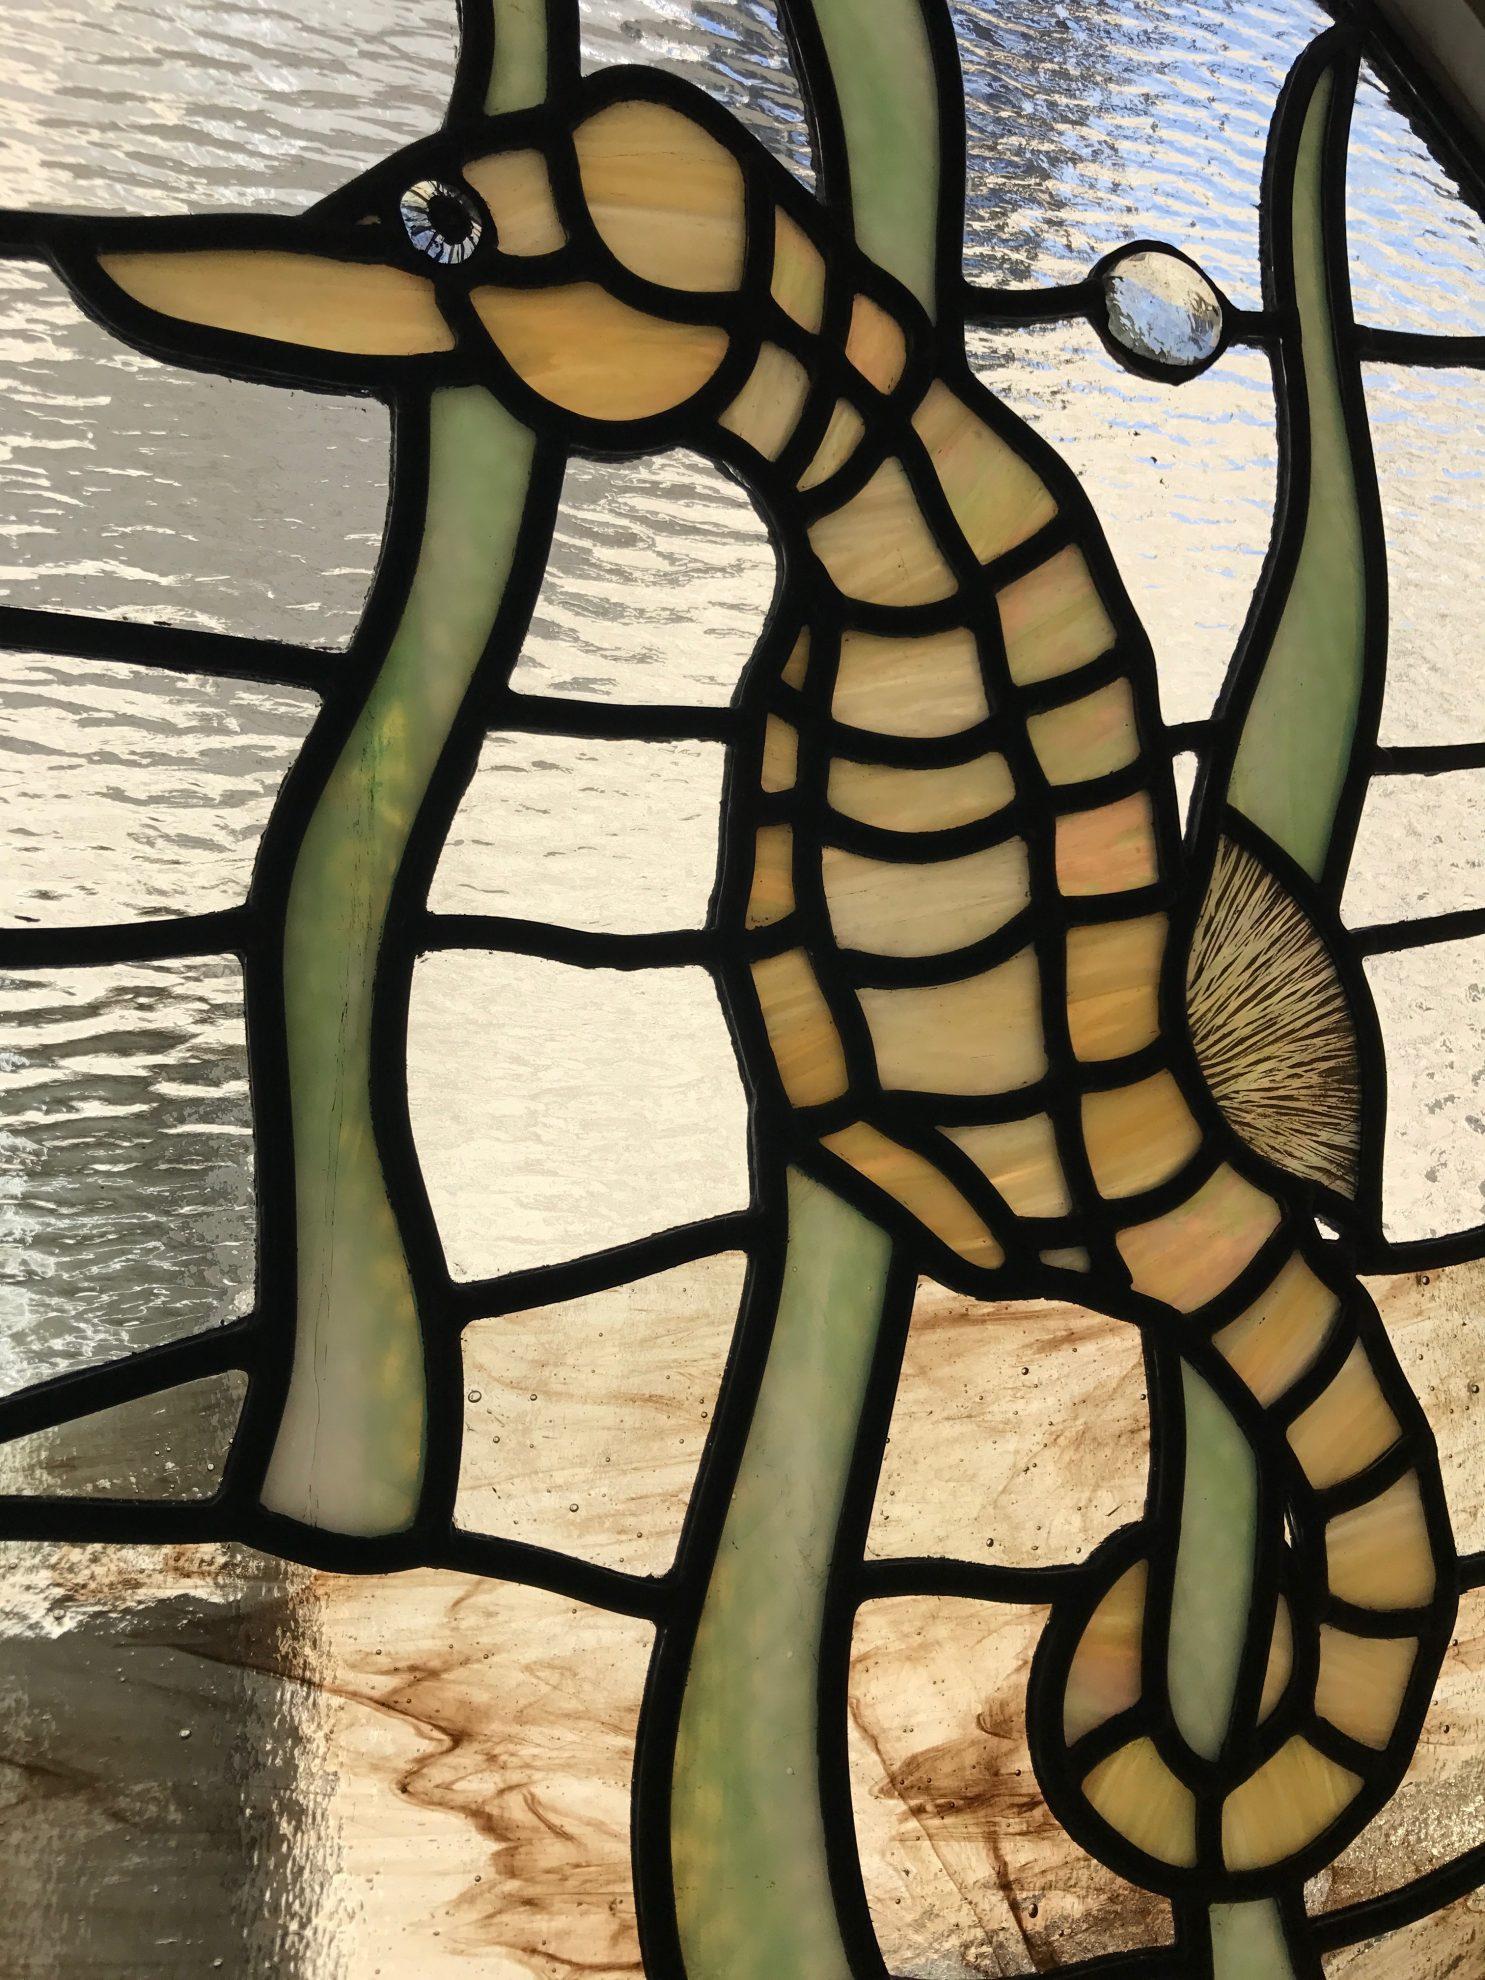 21.seahorse